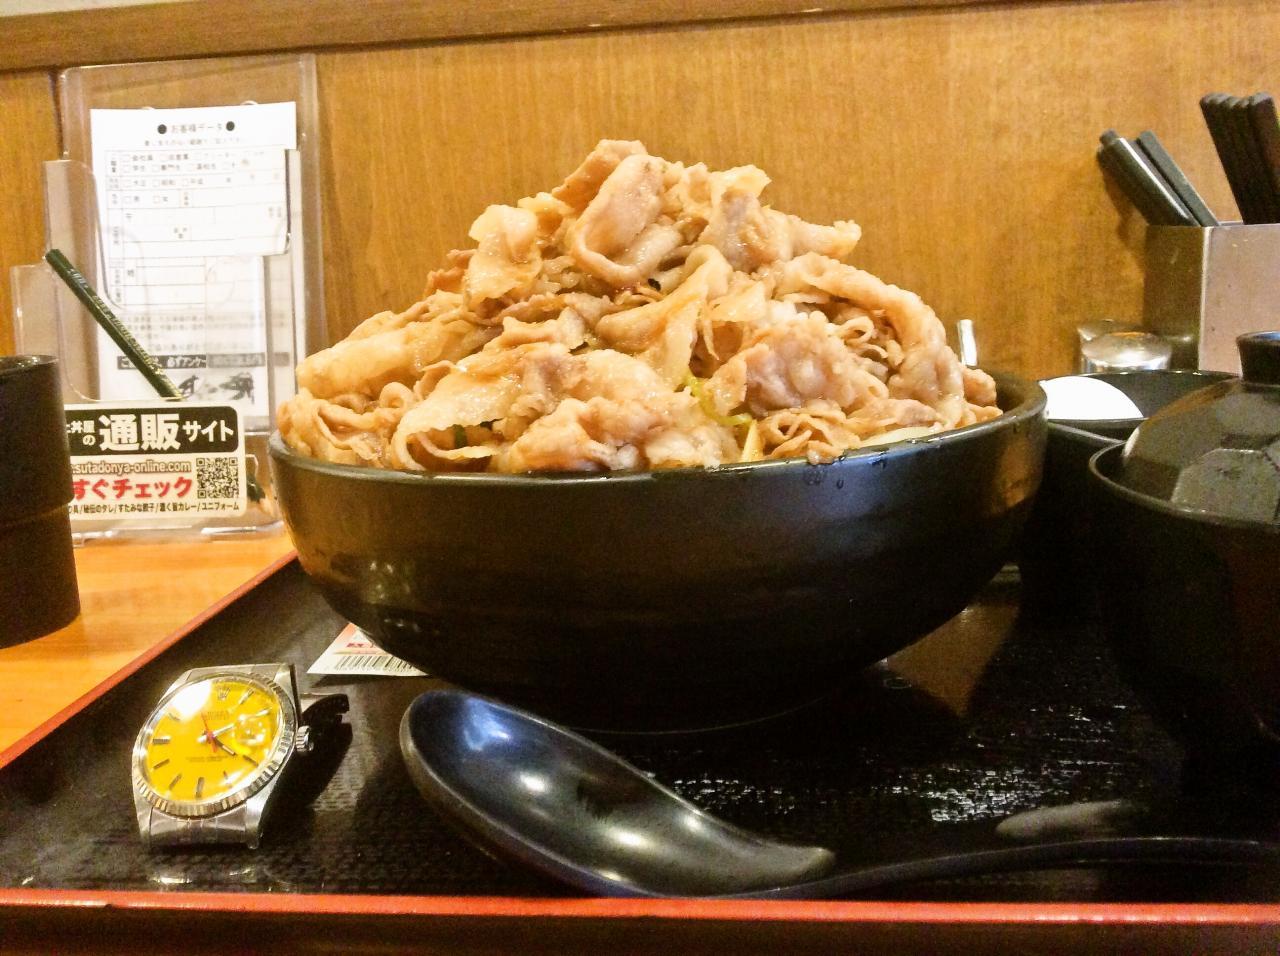 伝説のすた丼屋 渋谷店(肉飯増し)